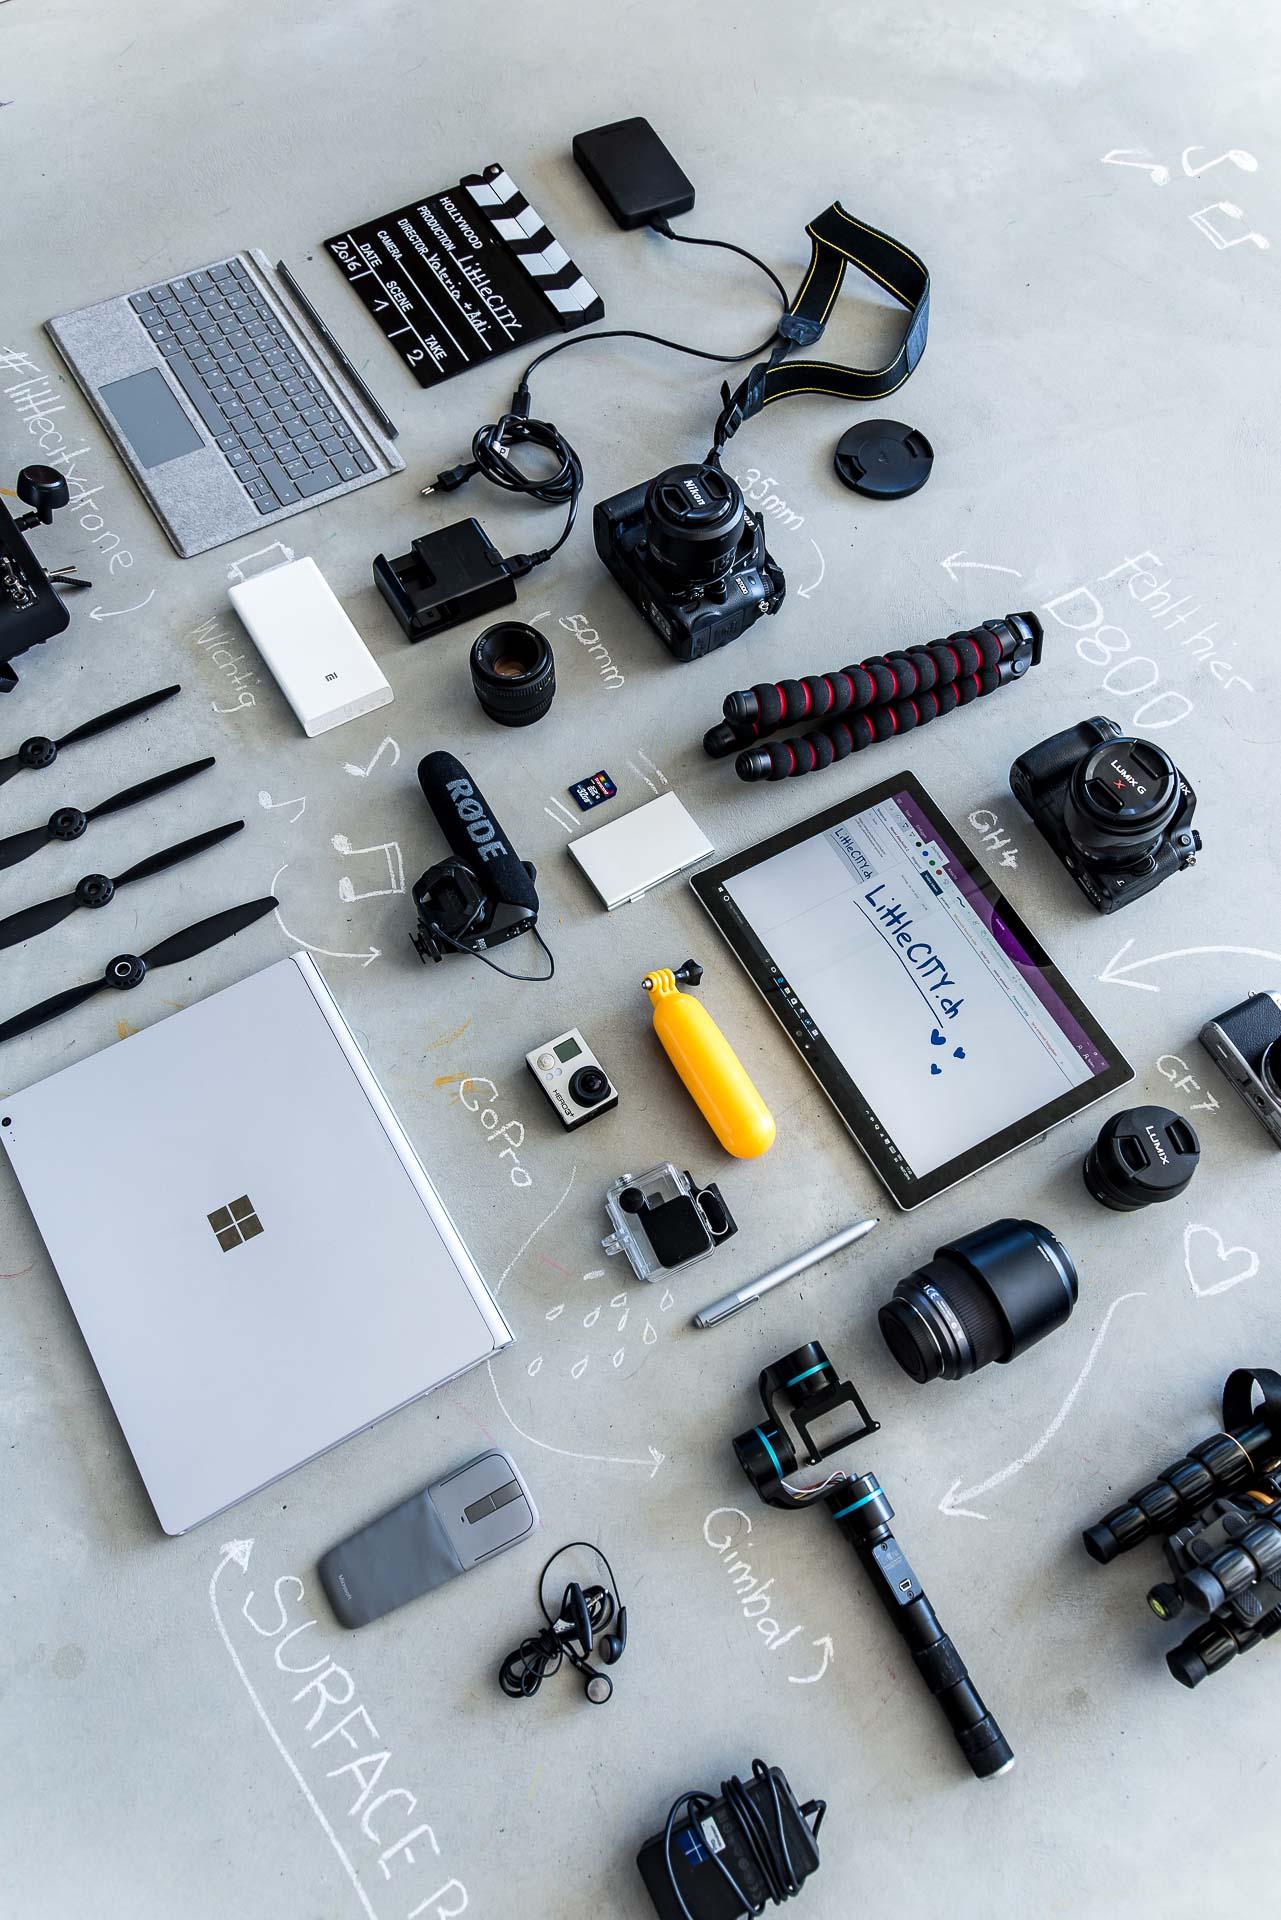 Bloggerausrüstung Technik-12